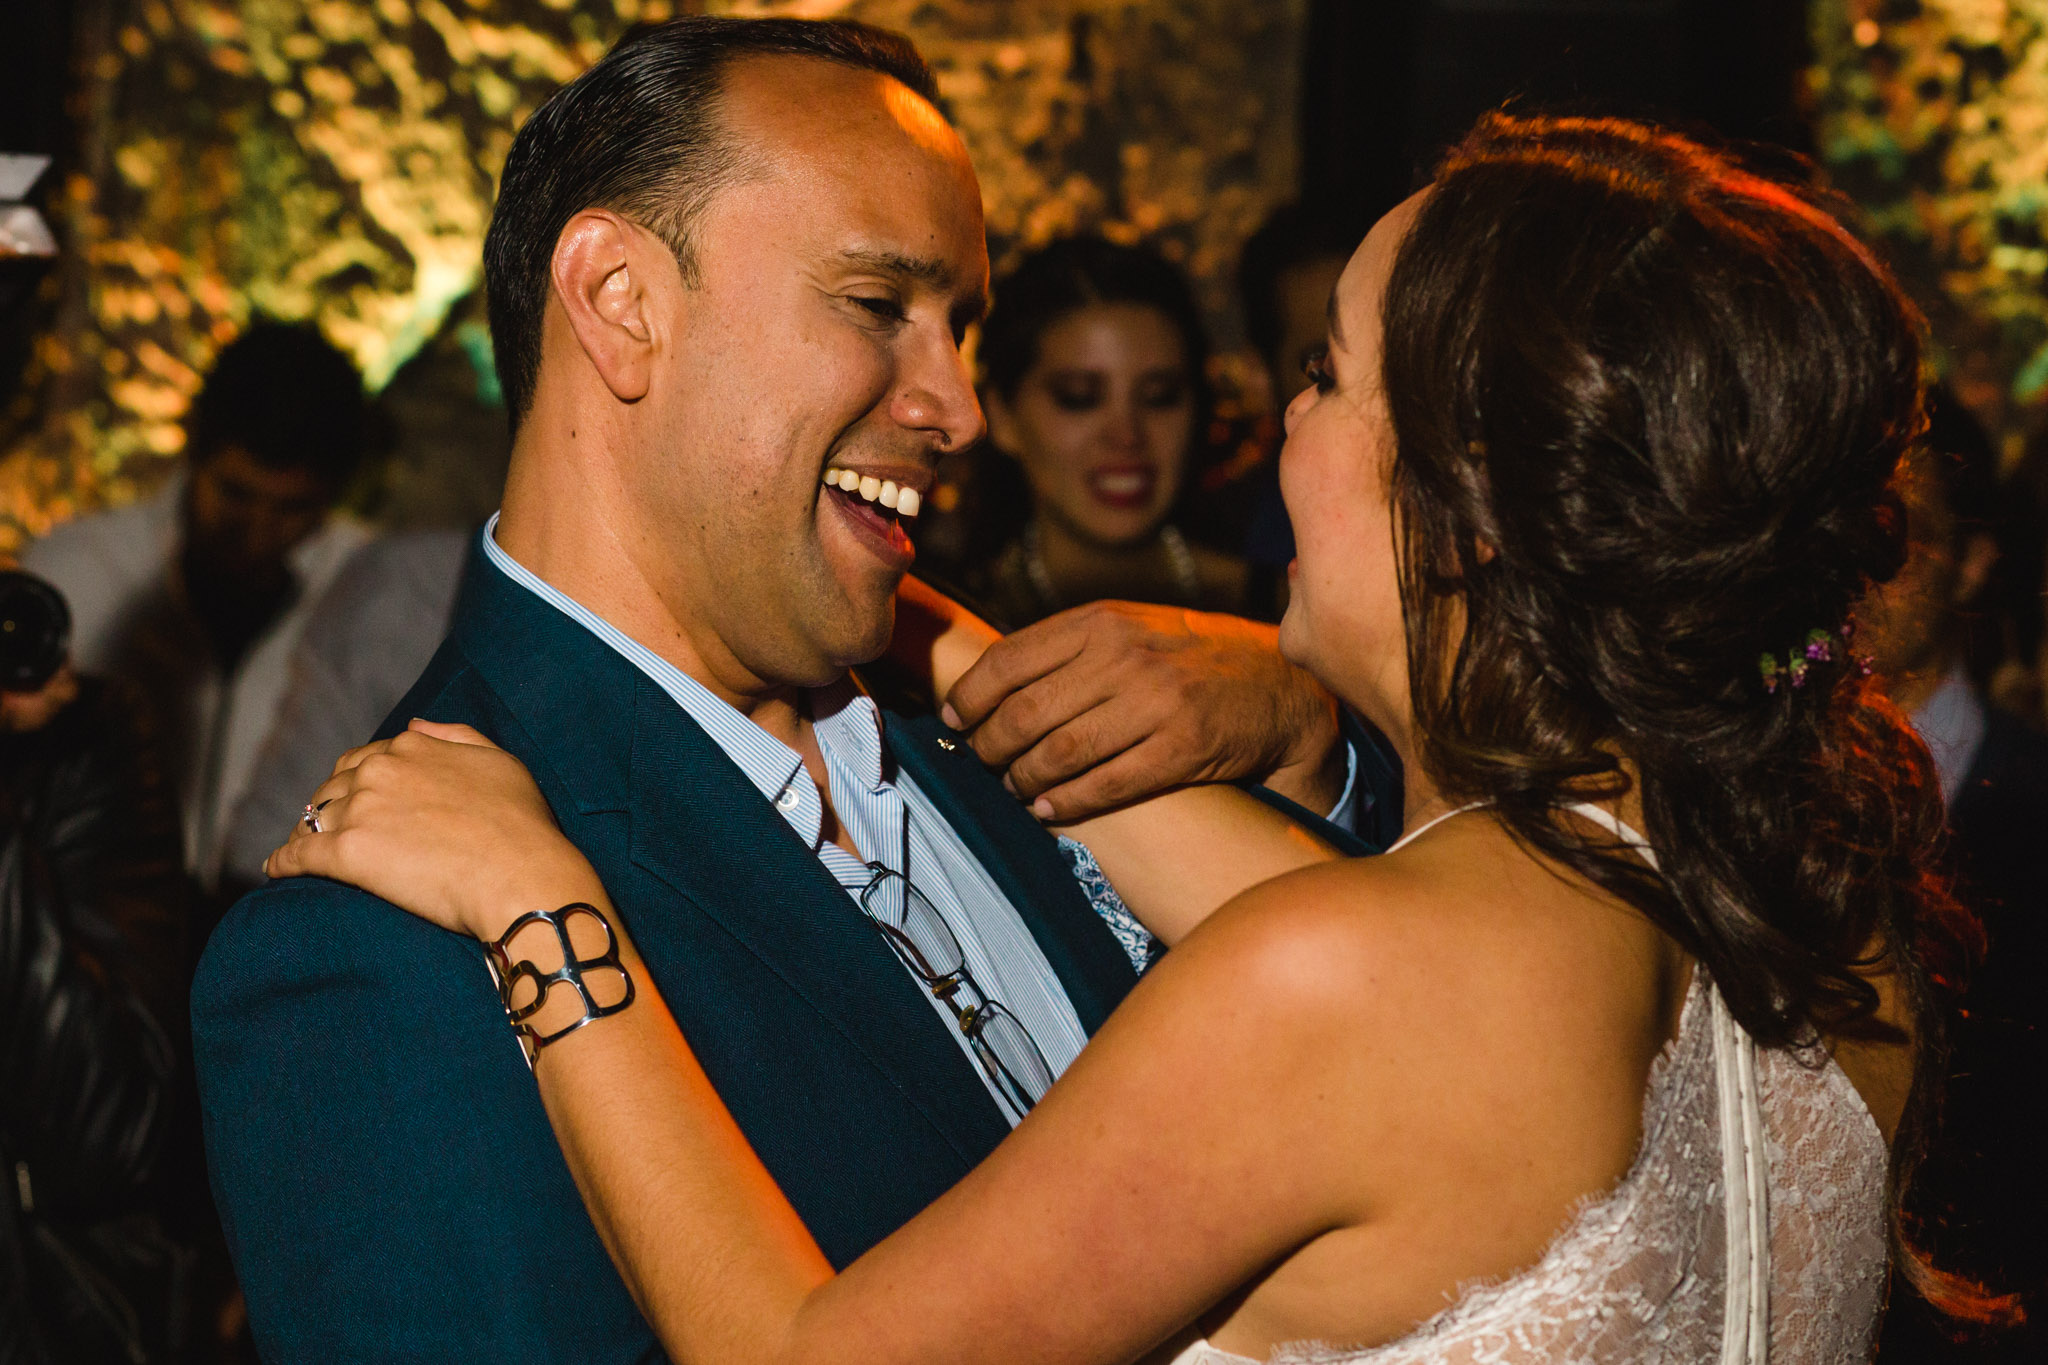 Blog-Wedding-Destination-Photography-San-Miguel-de-Allende-Jorge-Navarrete-Fotografía-Boda-Sandra-Beto-21.jpg